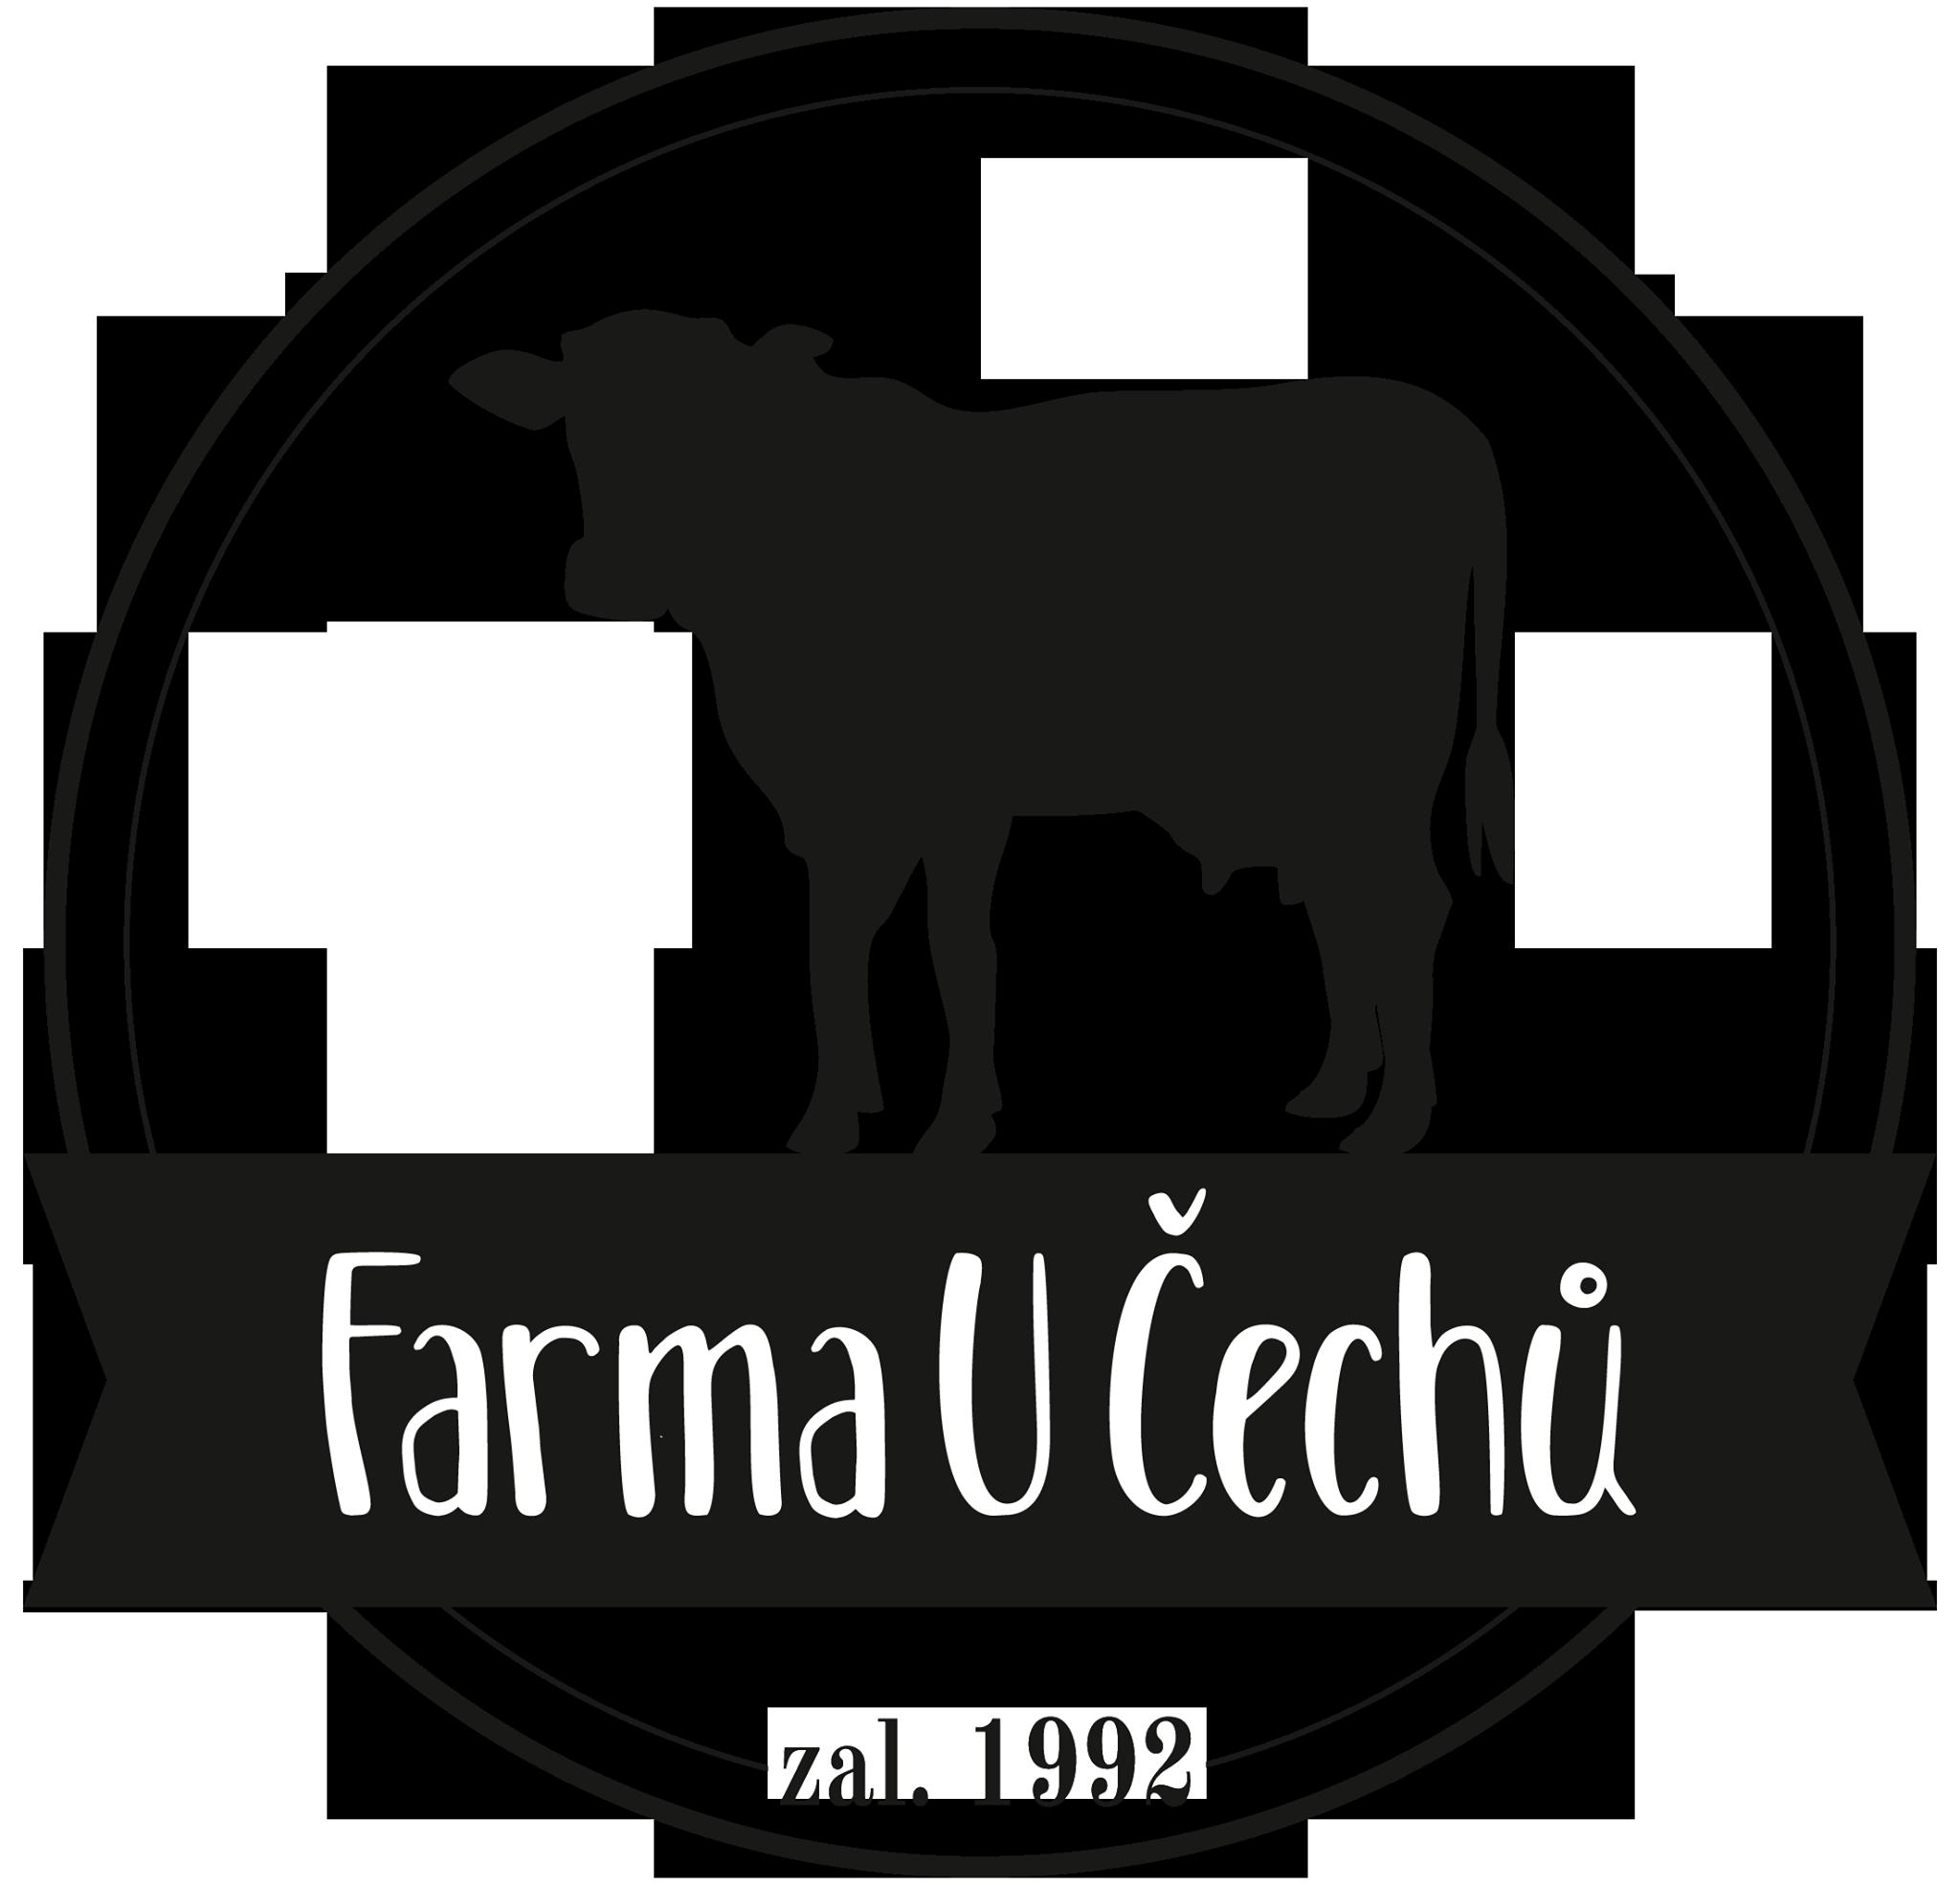 Farma u Čechů